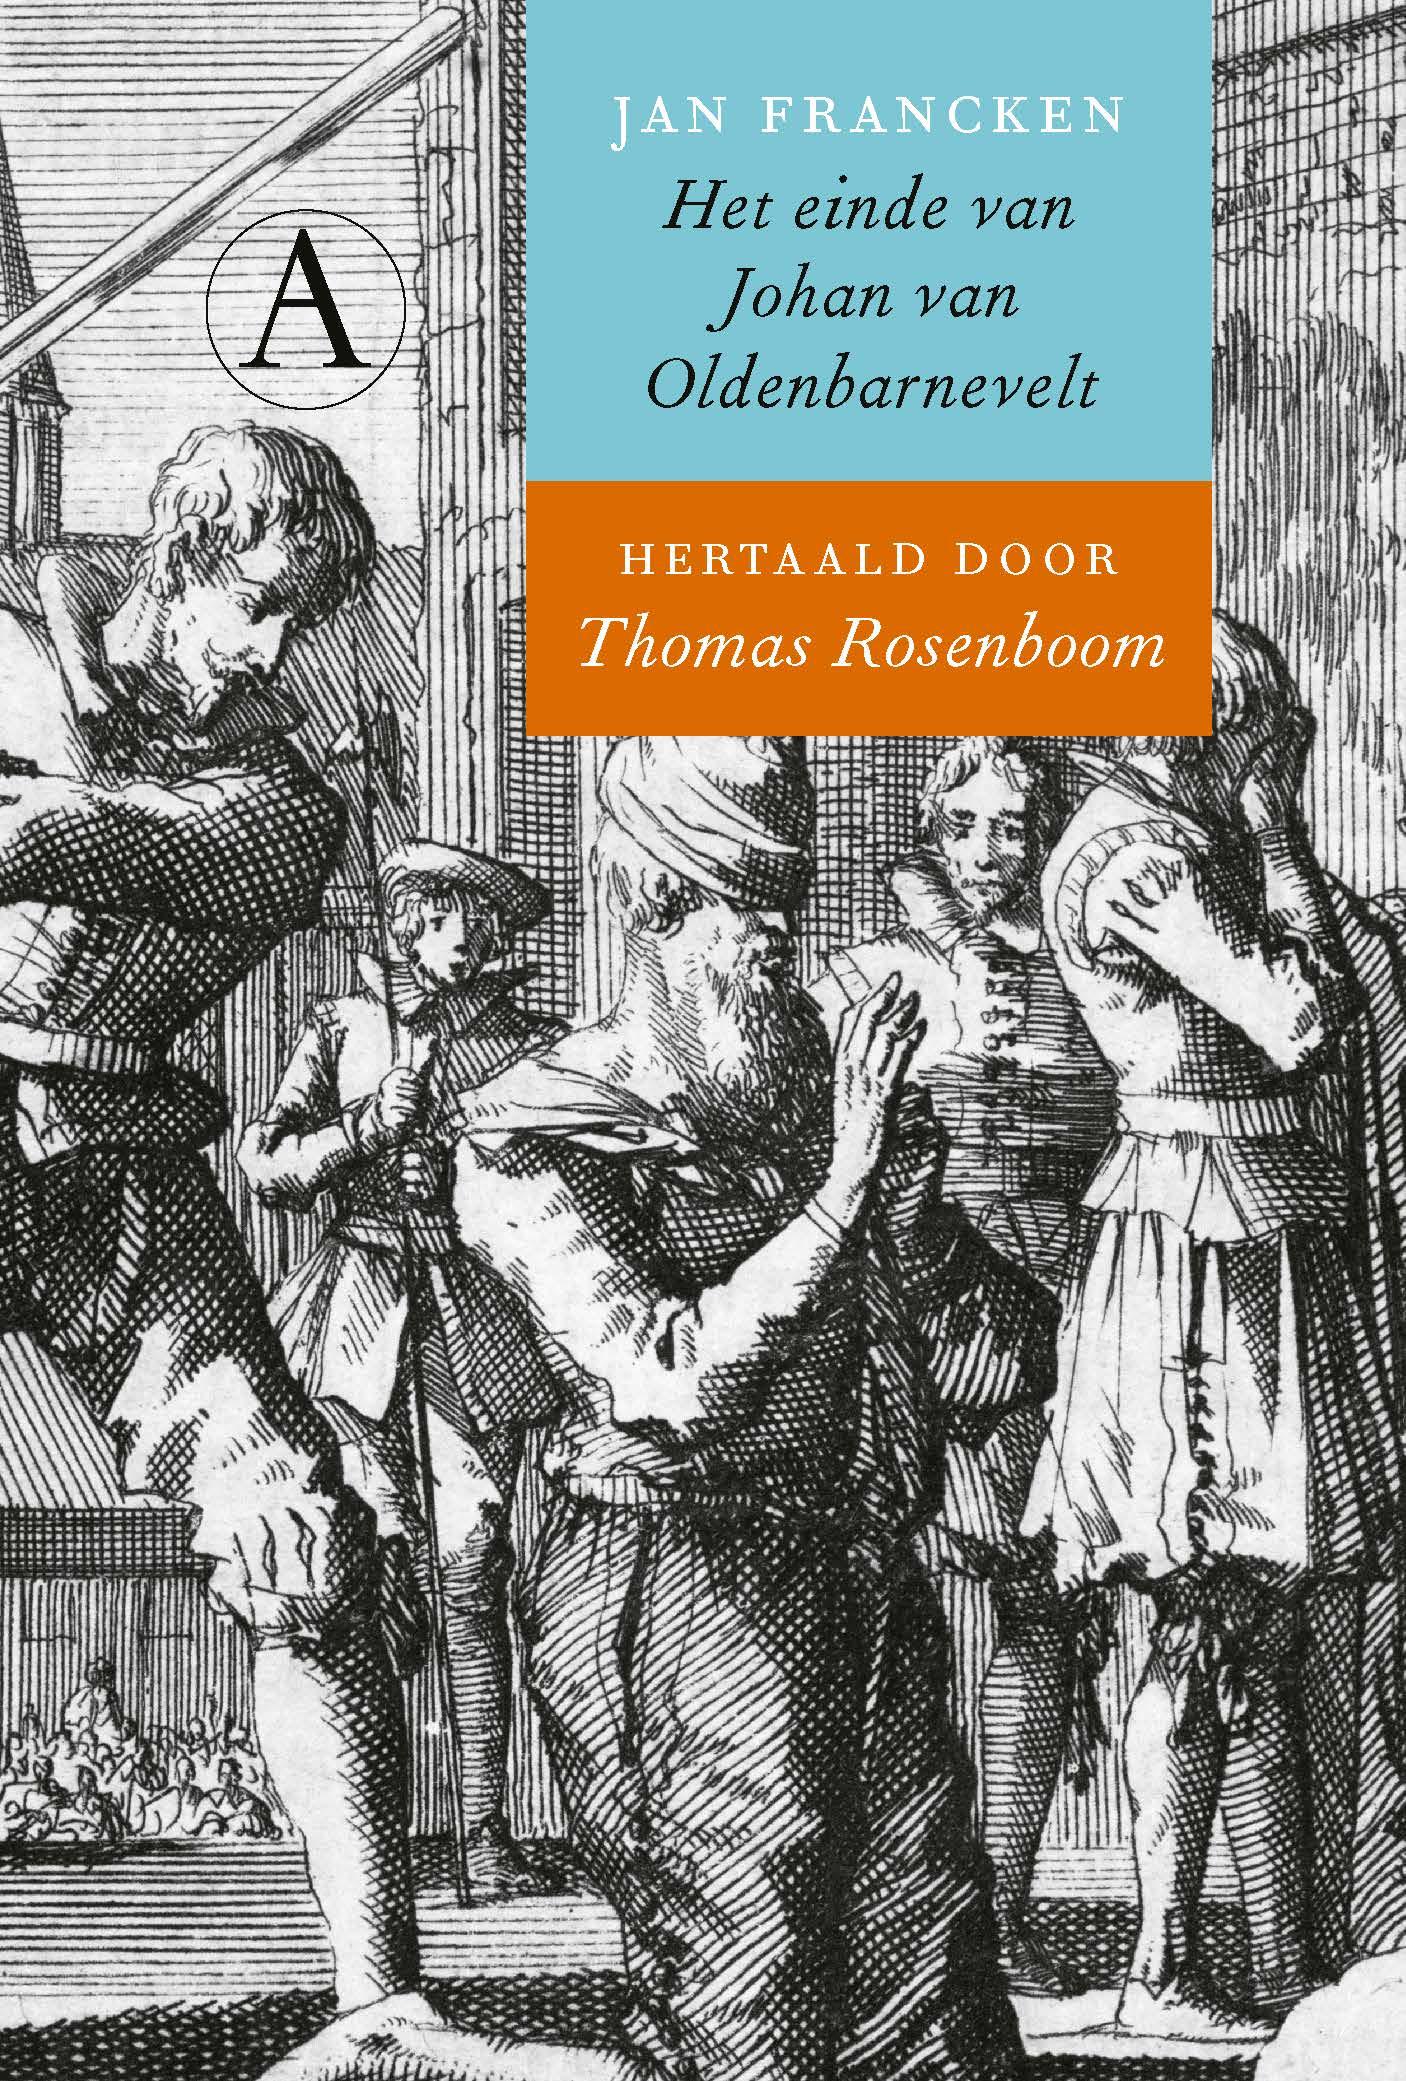 Afbeeldingsresultaat voor Het einde van Johan van Oldenbarnevelt